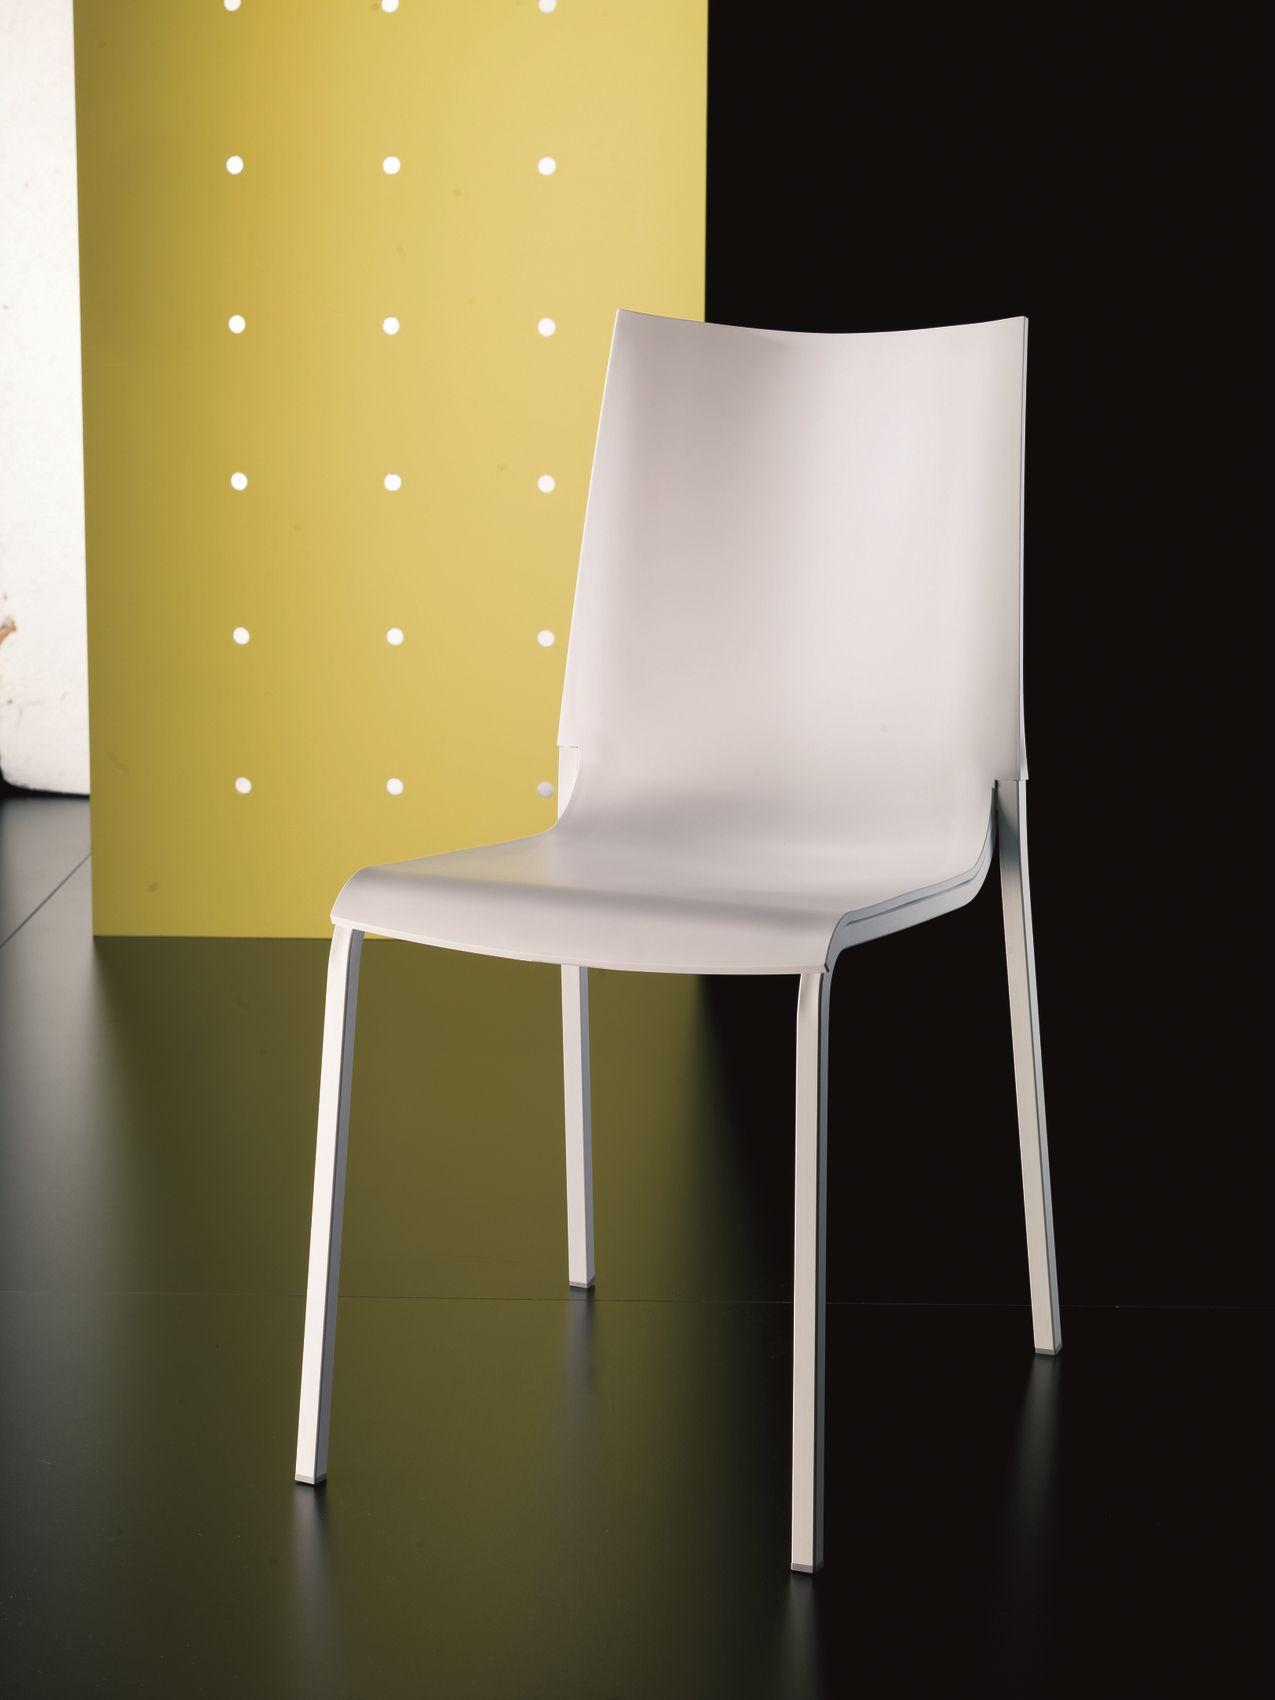 Sedia impilabile in plastica eva sedia in polipropilene for Sedie polipropilene